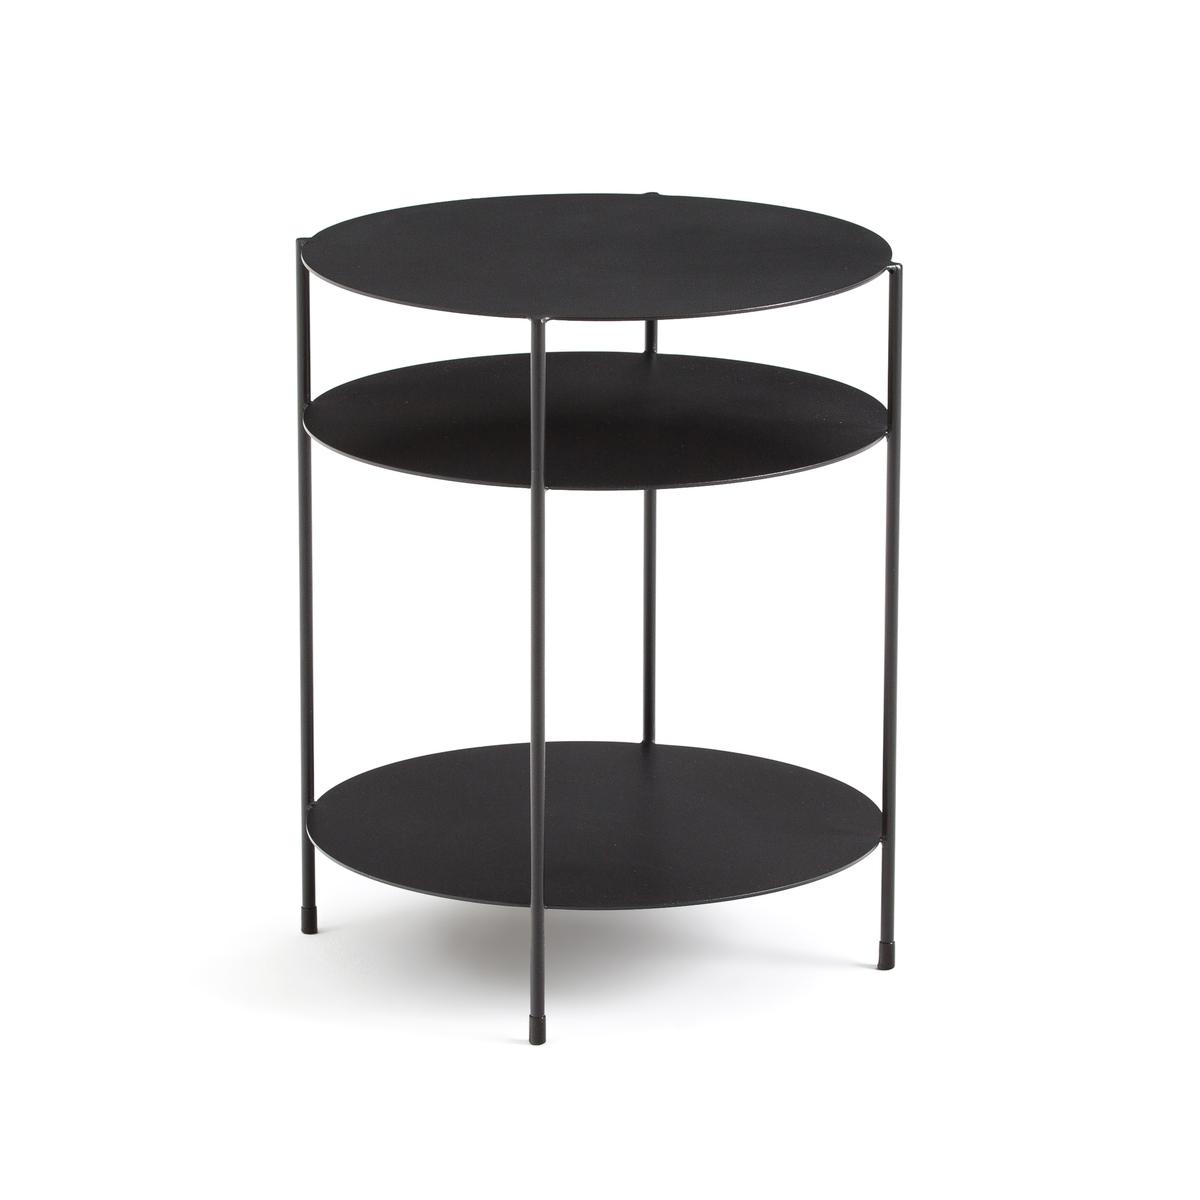 Столик LaRedoute Диванный с 3 столешницами Hiba единый размер черный